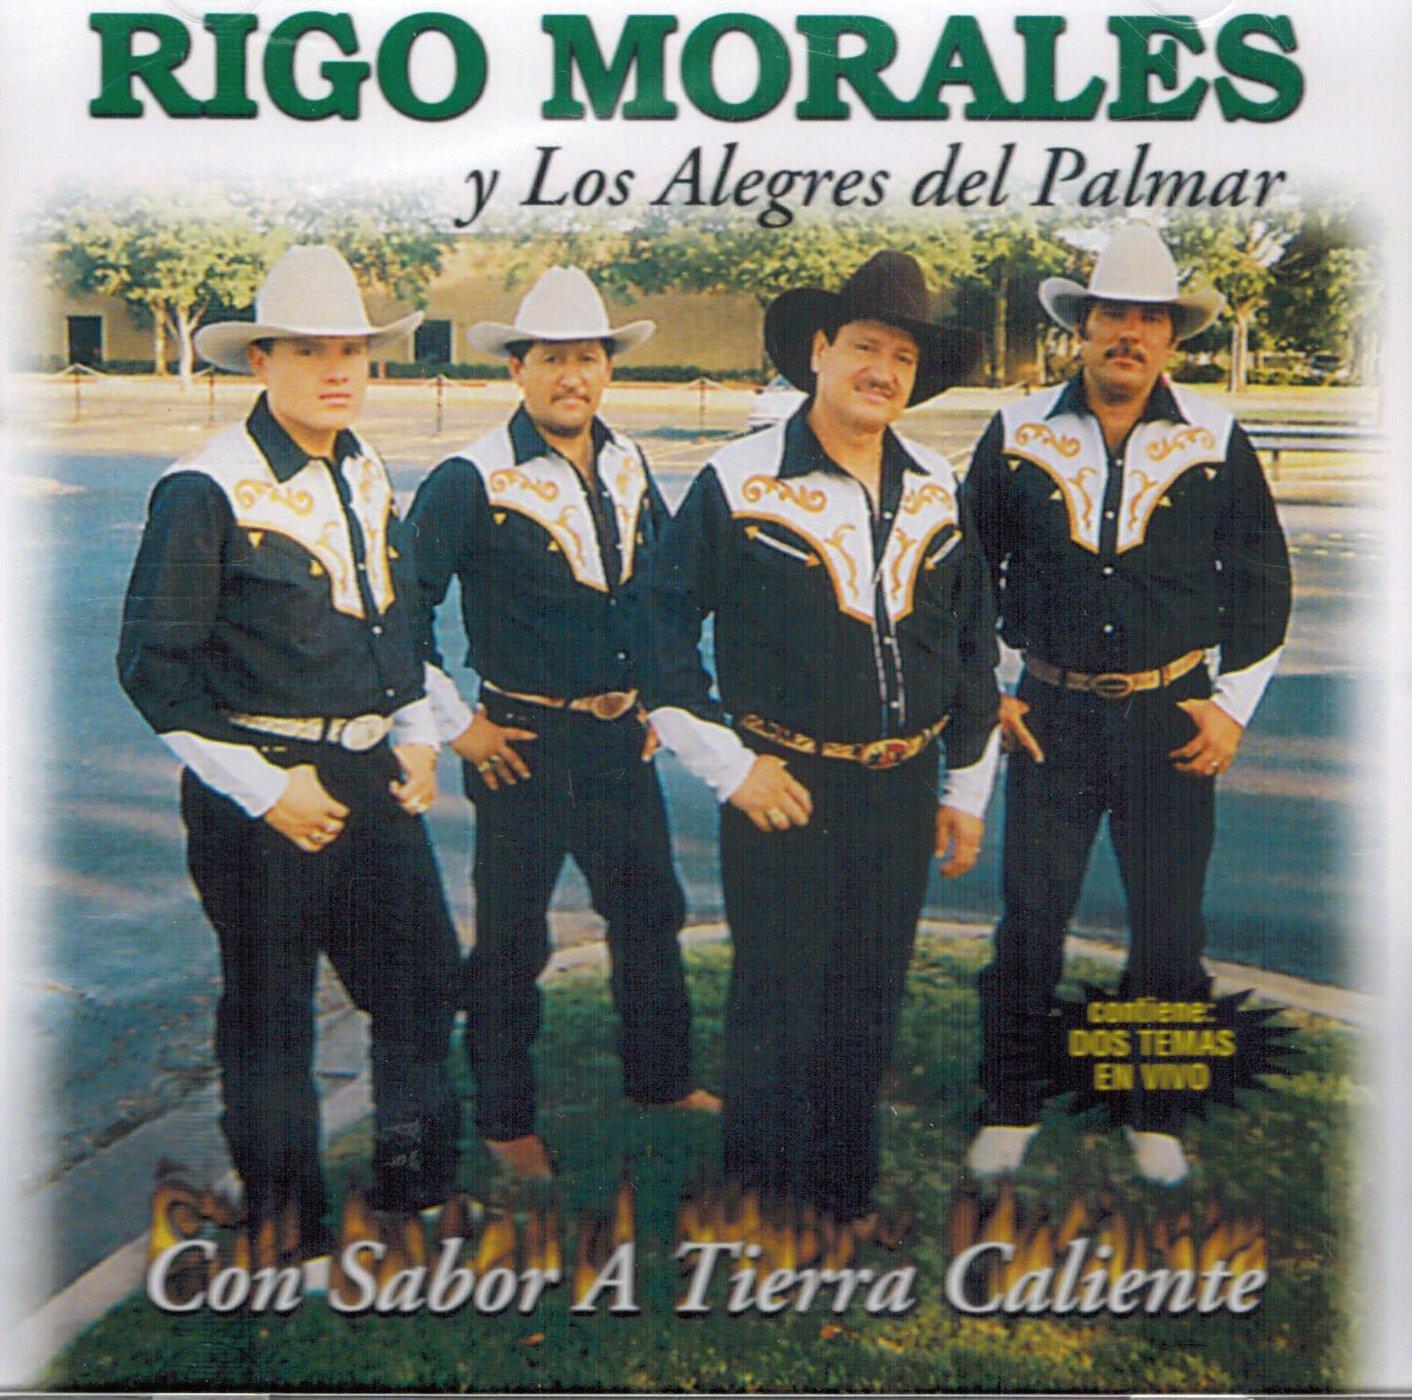 Rigo Morales (Con Sabor A Tierra Caliente) VAQ-1060